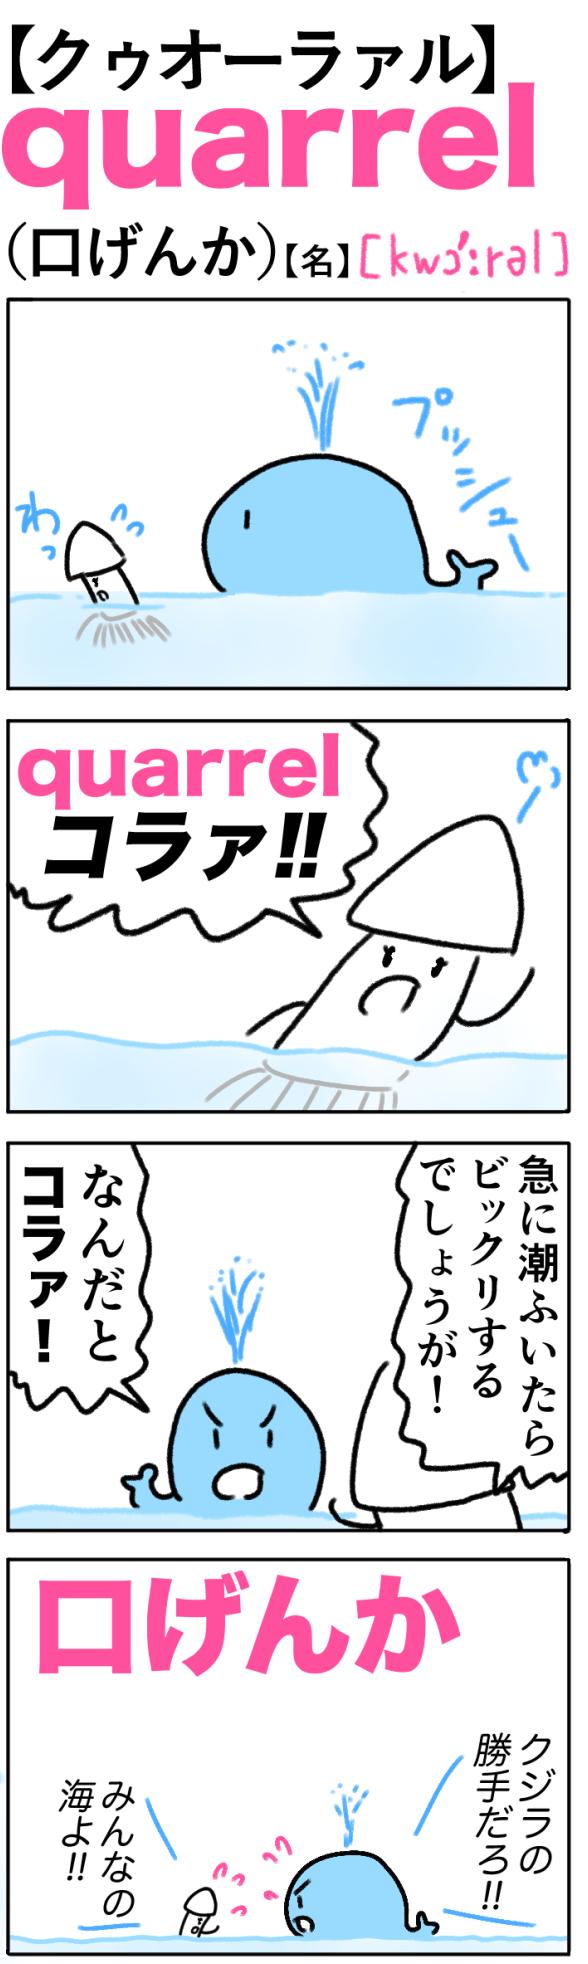 quarrel(口喧嘩)の語呂合わせ英単語